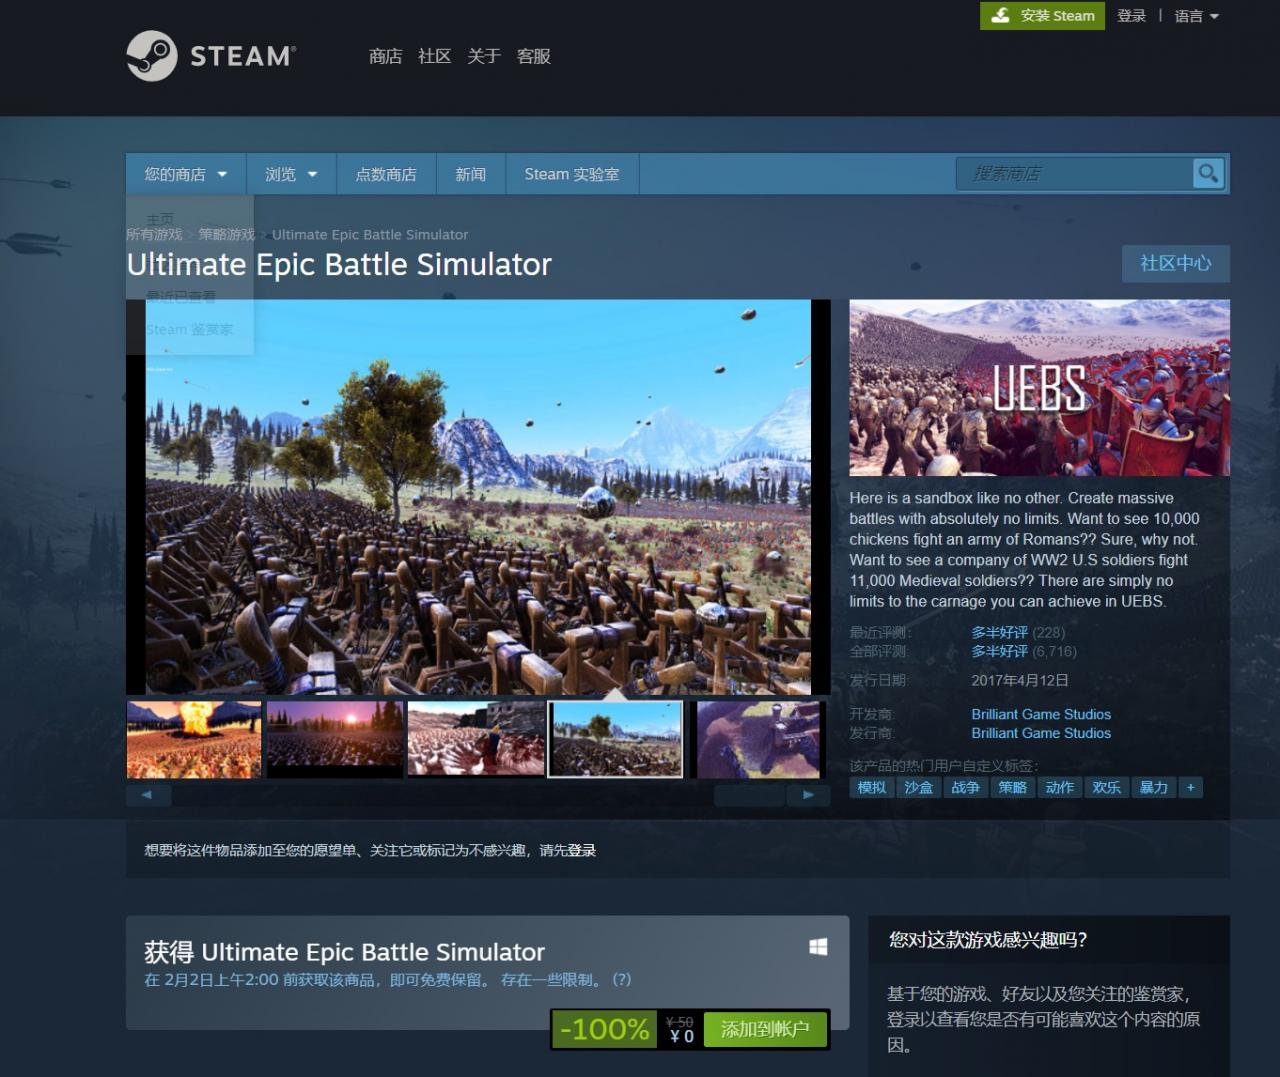 Steam 喜加一:免费领取沙盒战争策略游戏《史诗战争模拟器》